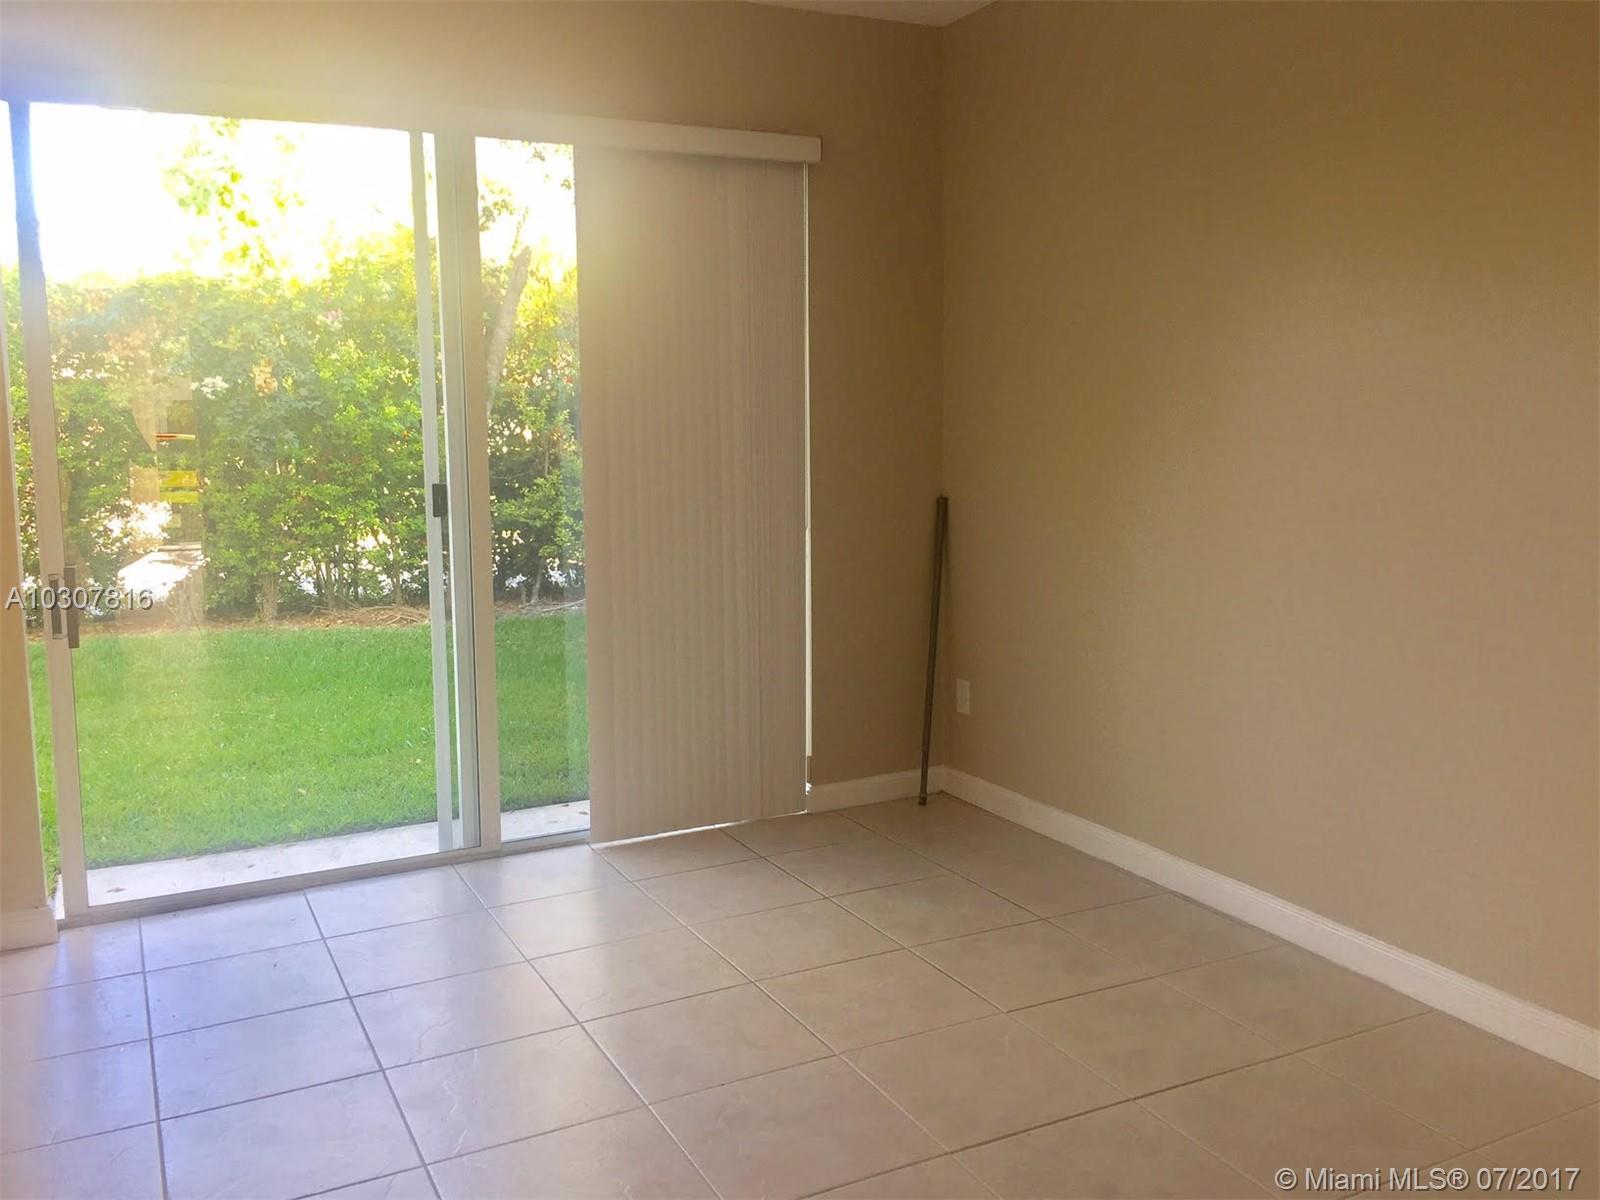 454 NE 21st Ave # 454, Homestead, FL 33033